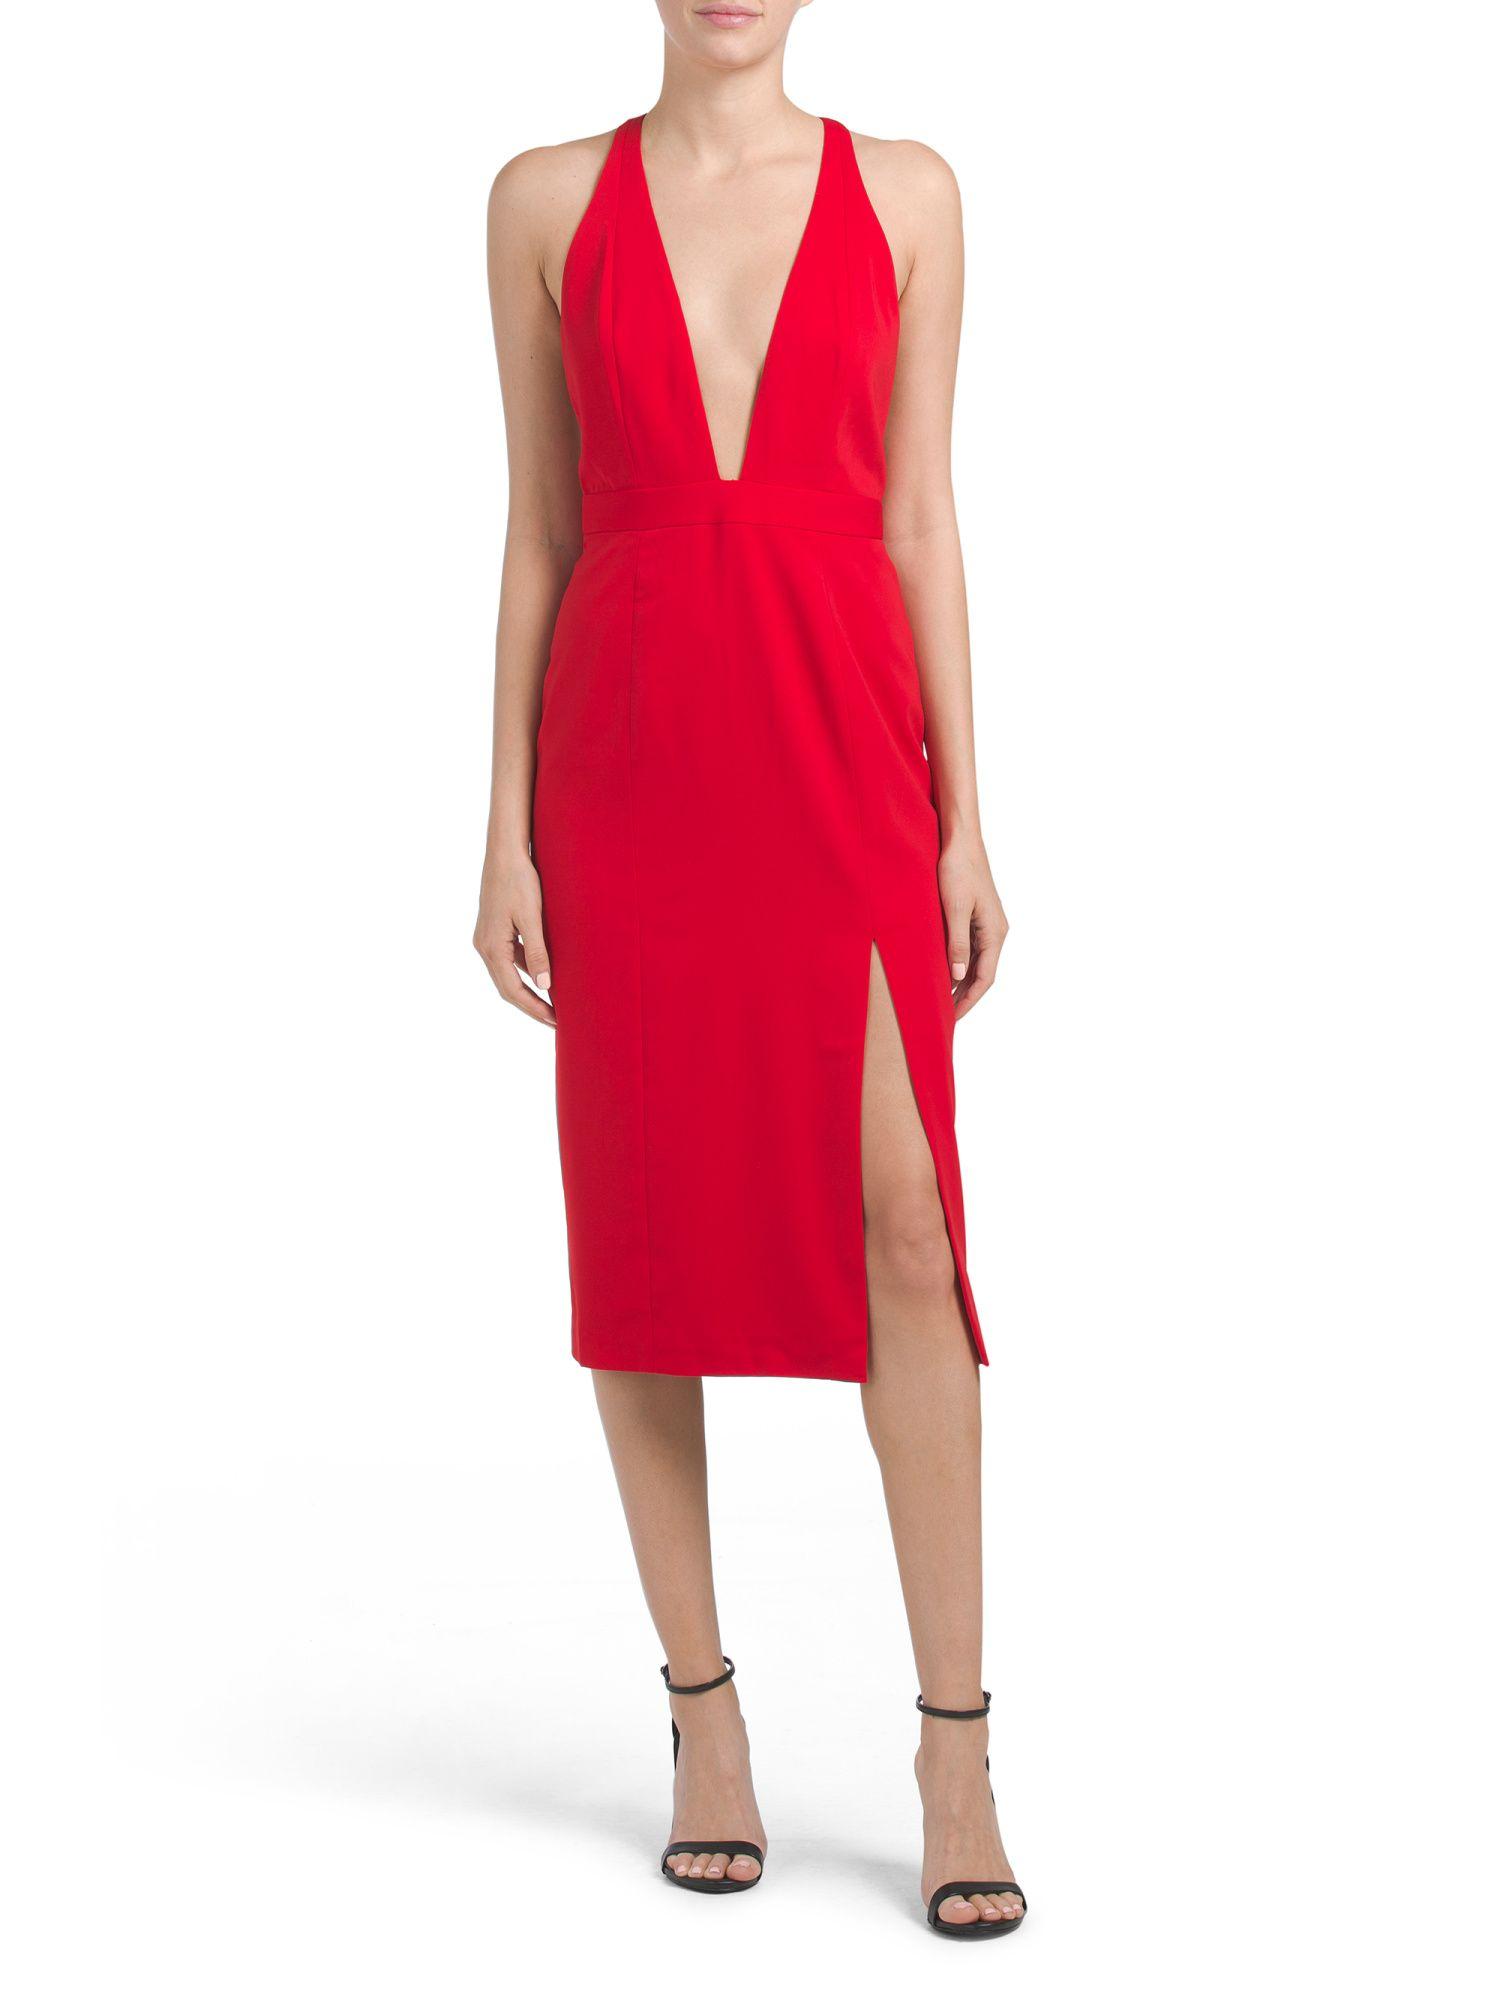 Kit Racerback Midi Dress Midi Dresses T J Maxx Racerback Midi Dress Dresses Midi Dress [ 2000 x 1500 Pixel ]